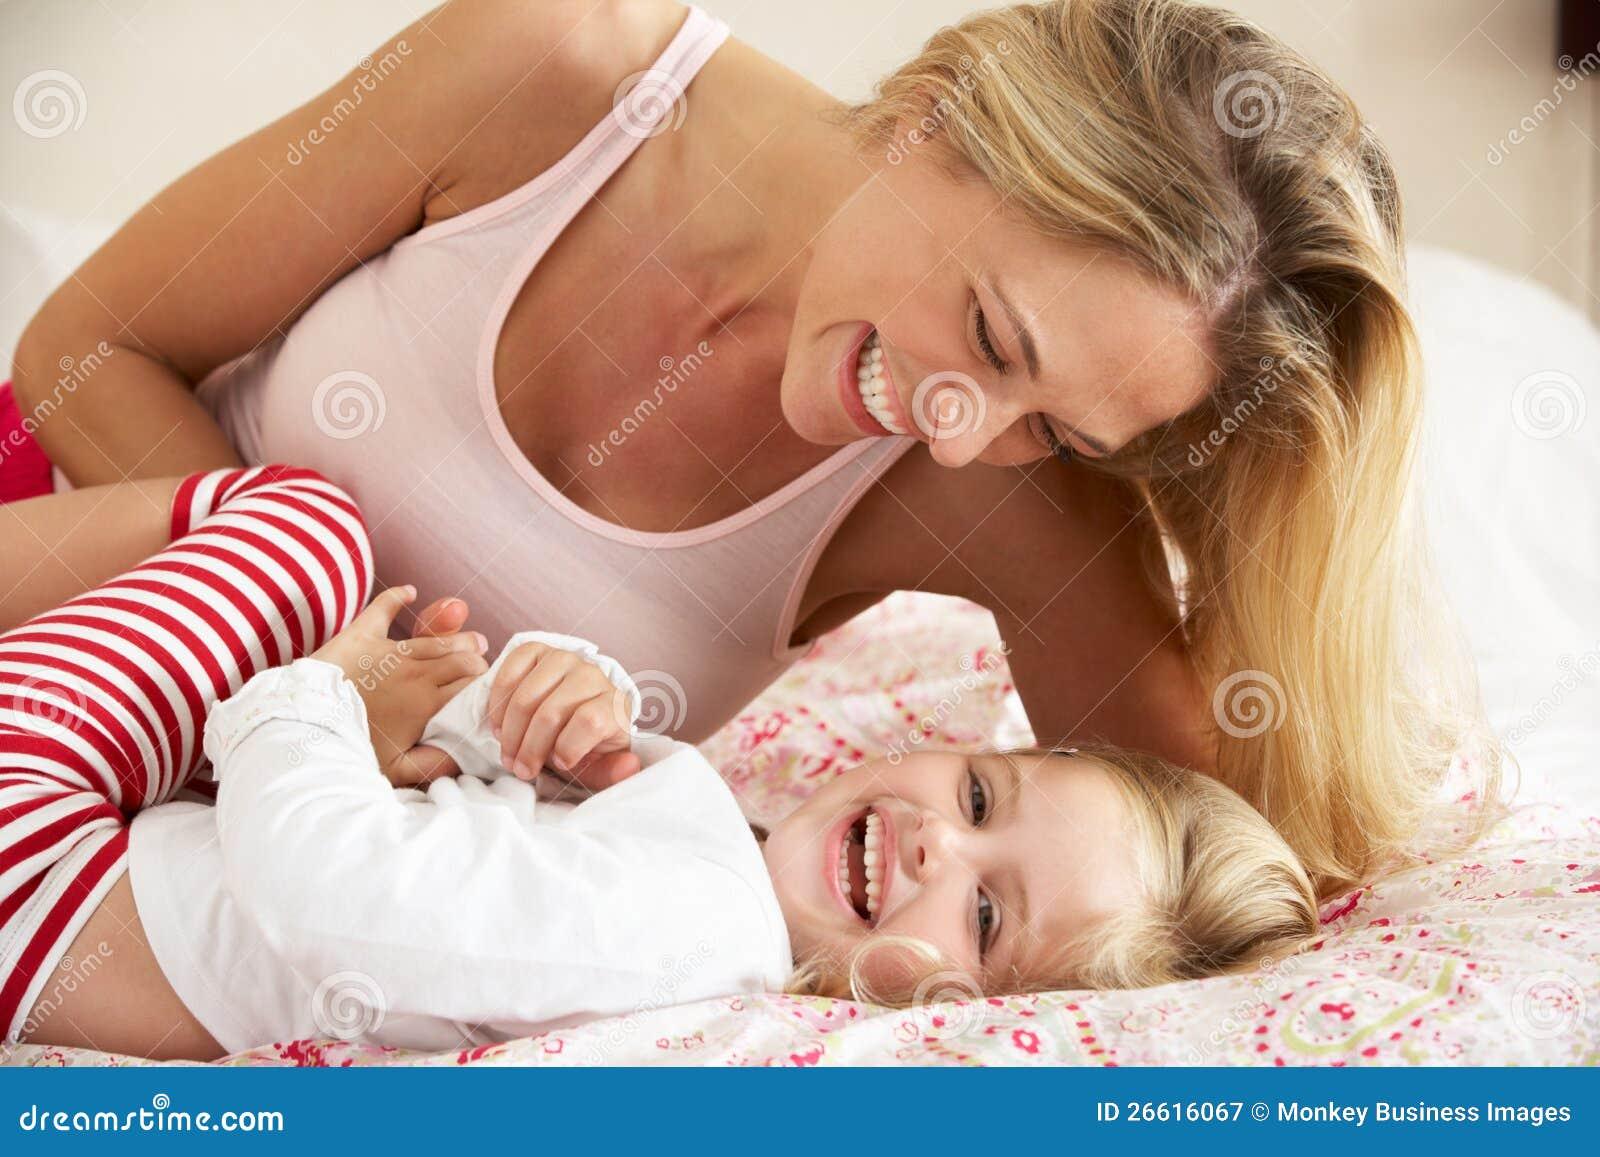 Смотреть секс мама дочка, В инцест видео мамы с дочкой есть место и соблазну 28 фотография